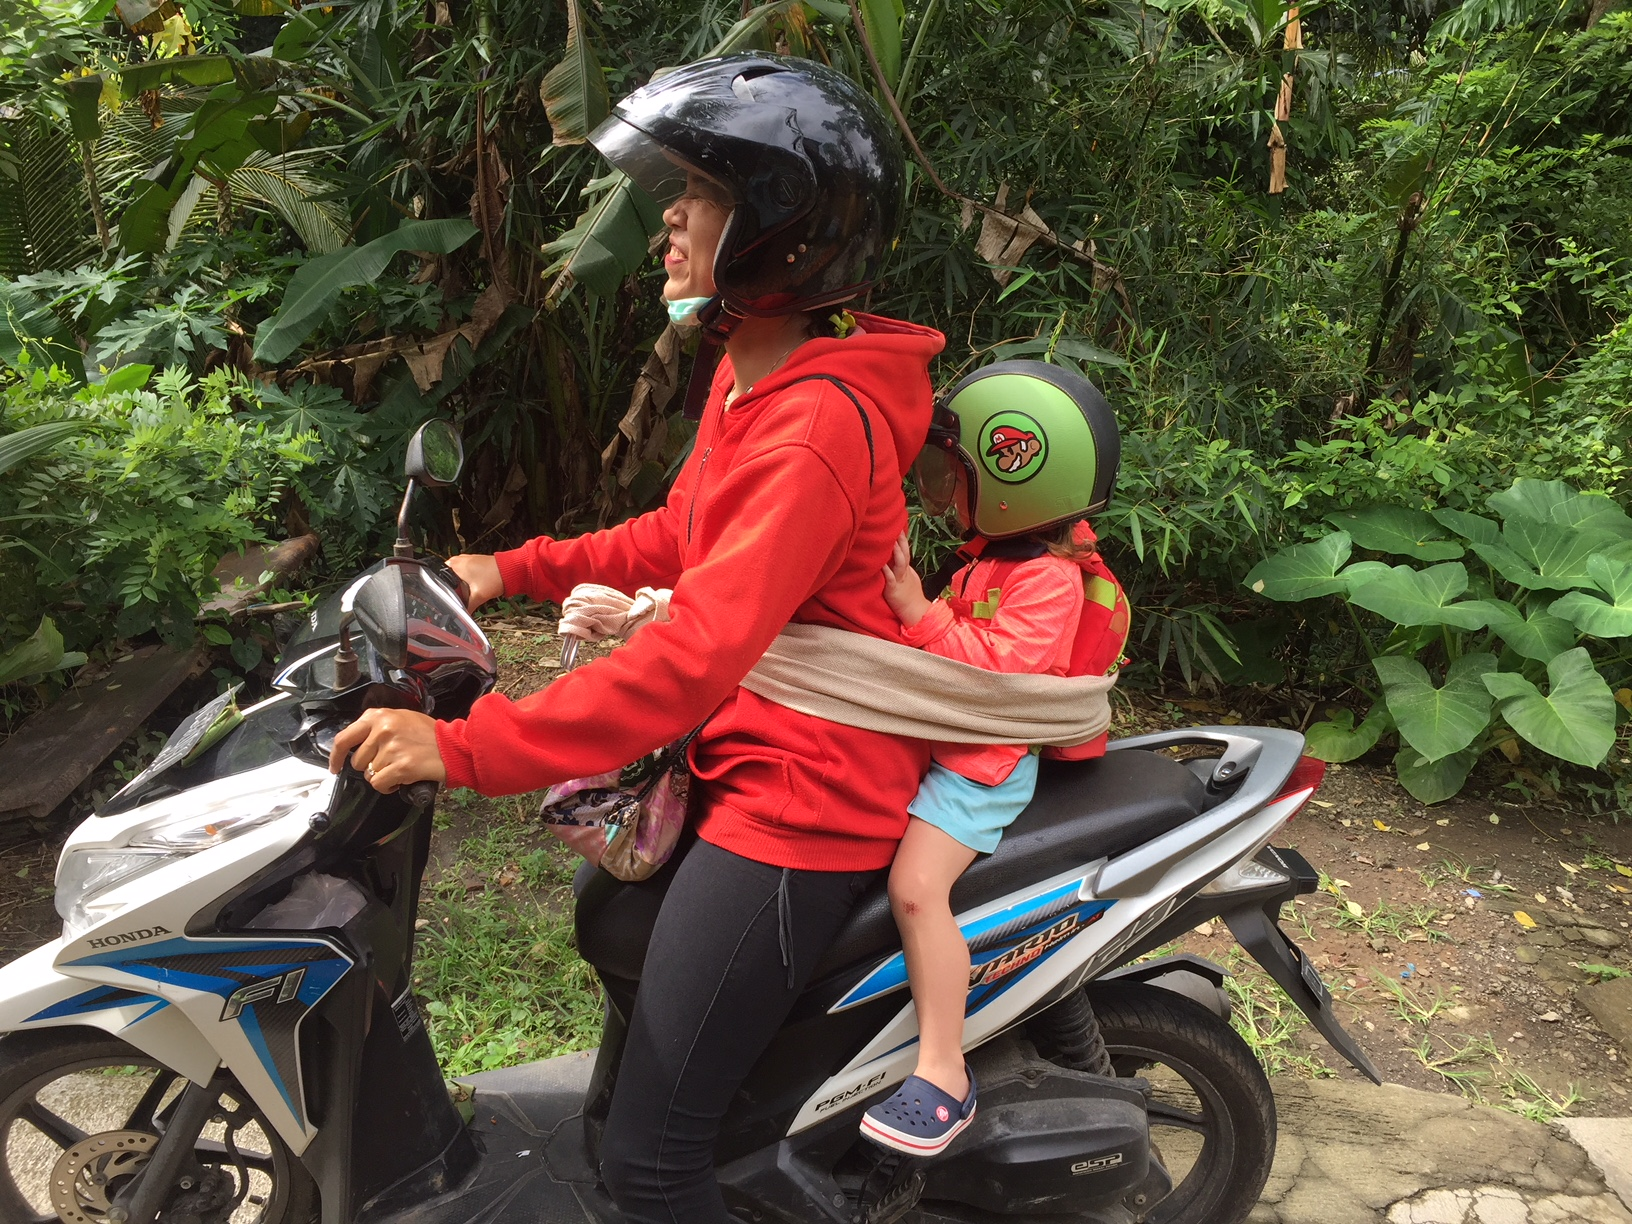 Nanny und Kind auf dem Motorroller.